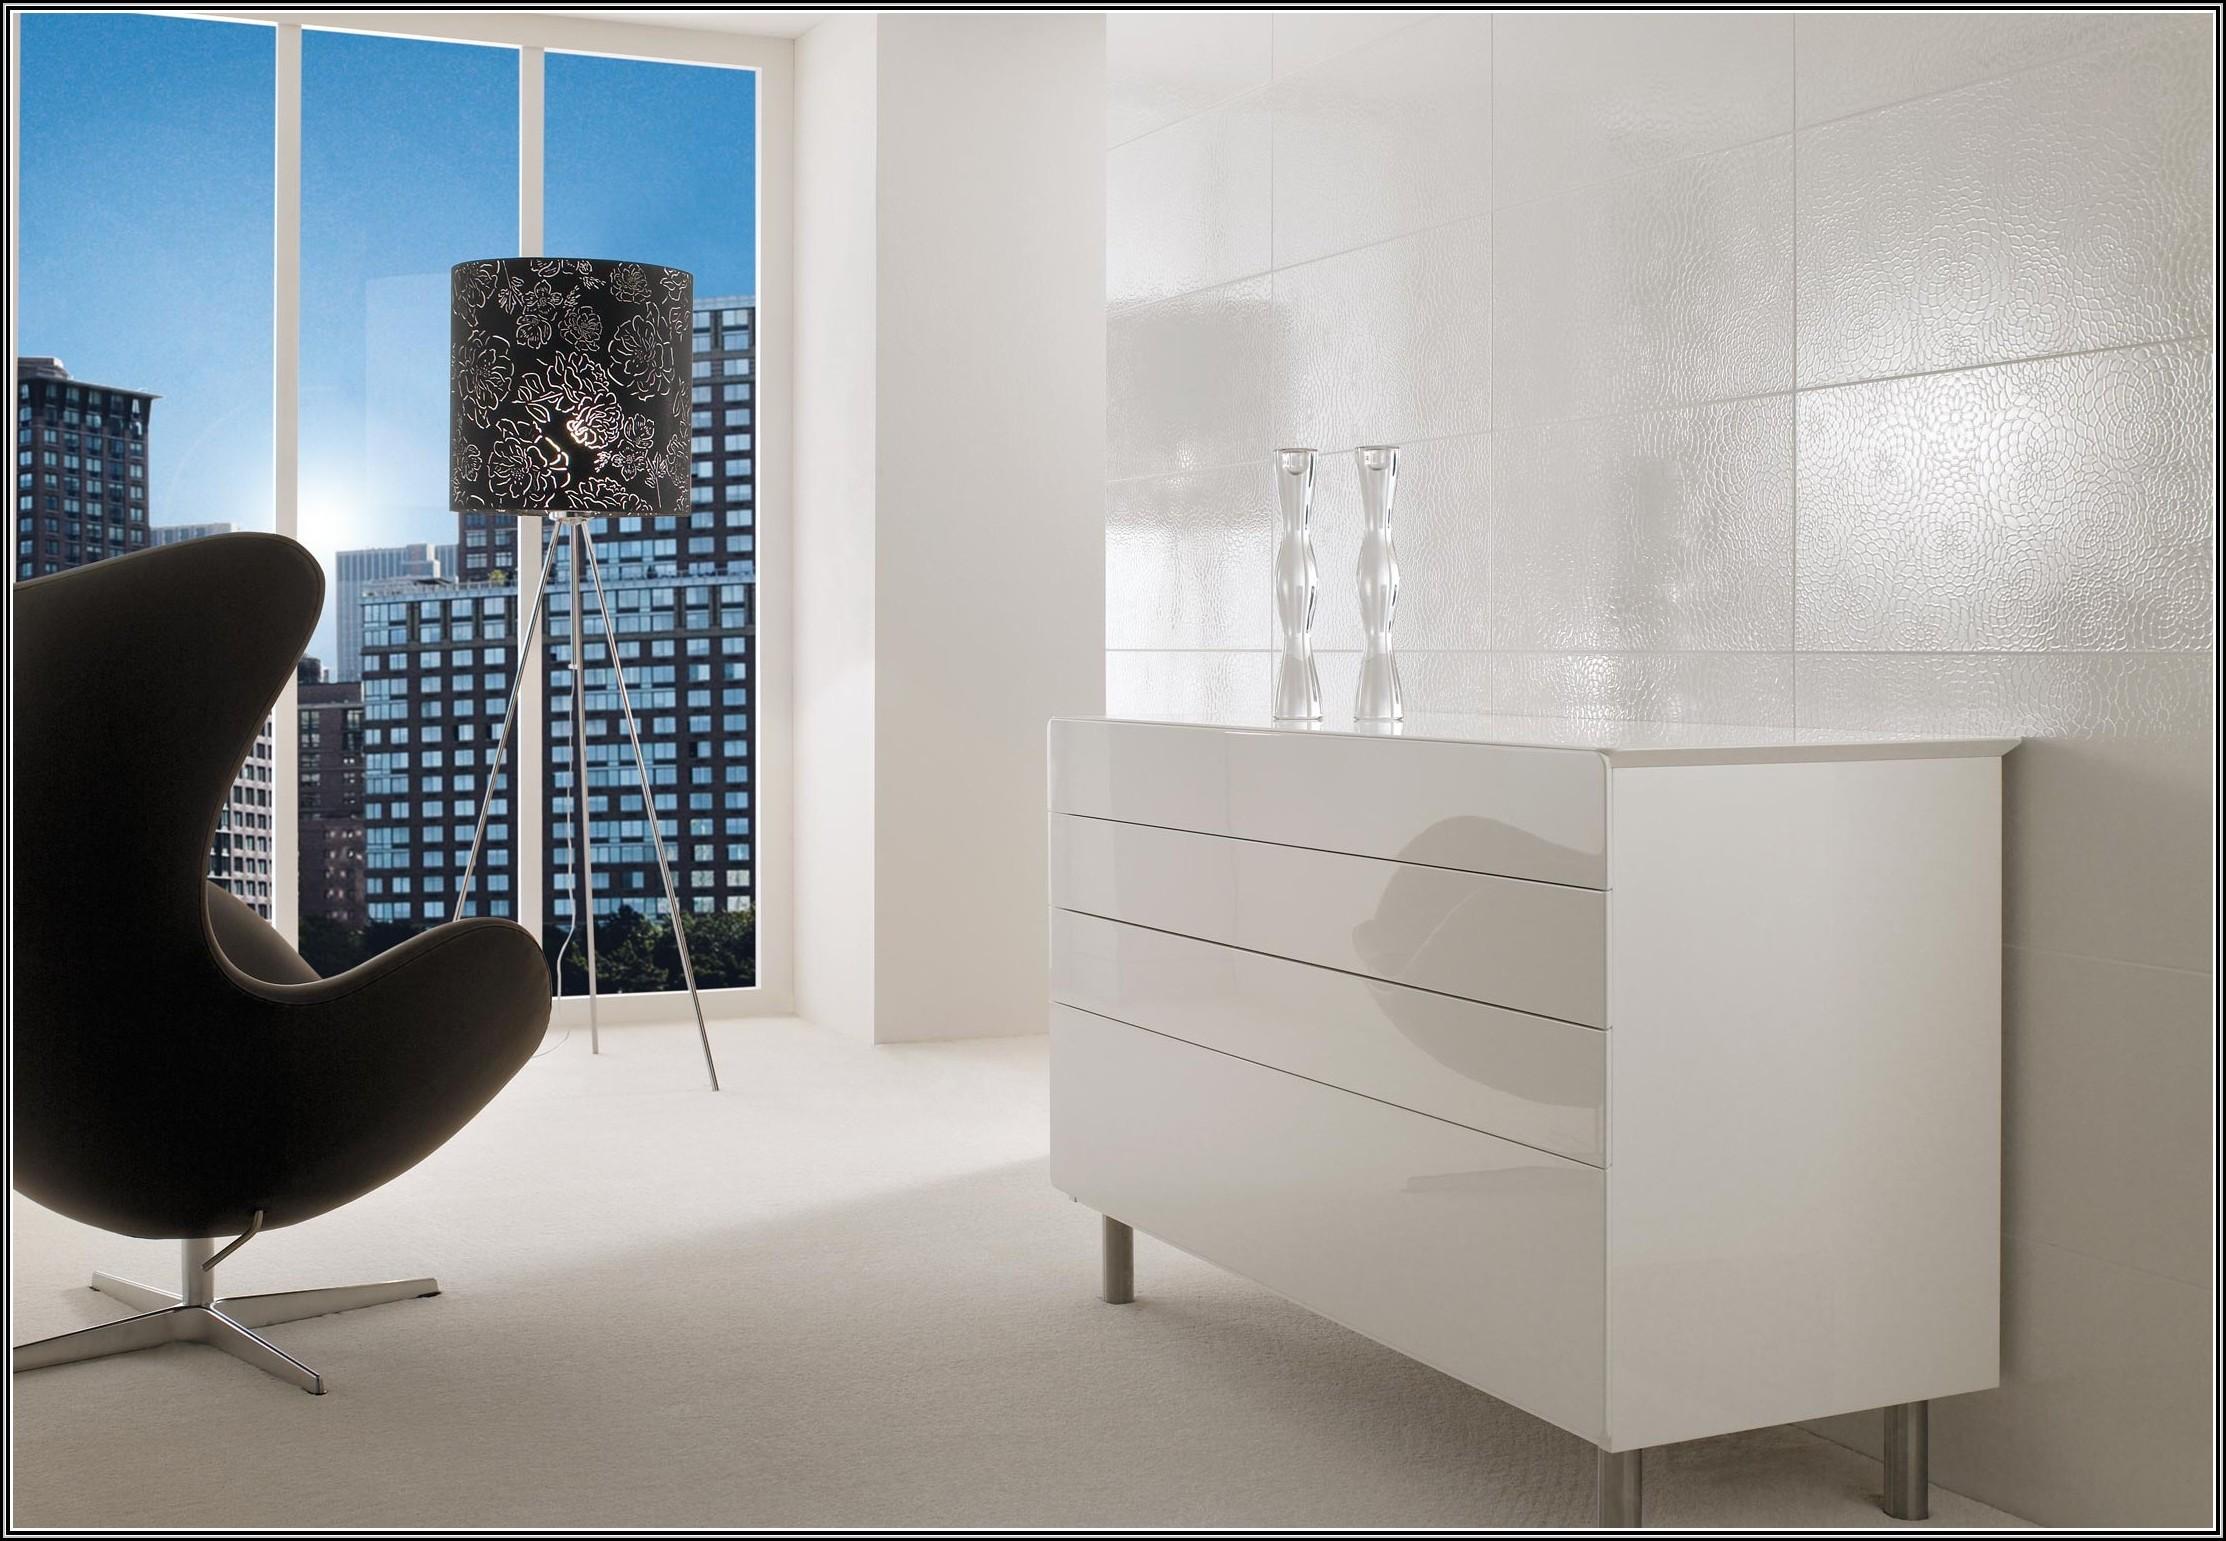 fliesen 2 wahl berlin fliesen house und dekor galerie re1lw8dw2p. Black Bedroom Furniture Sets. Home Design Ideas